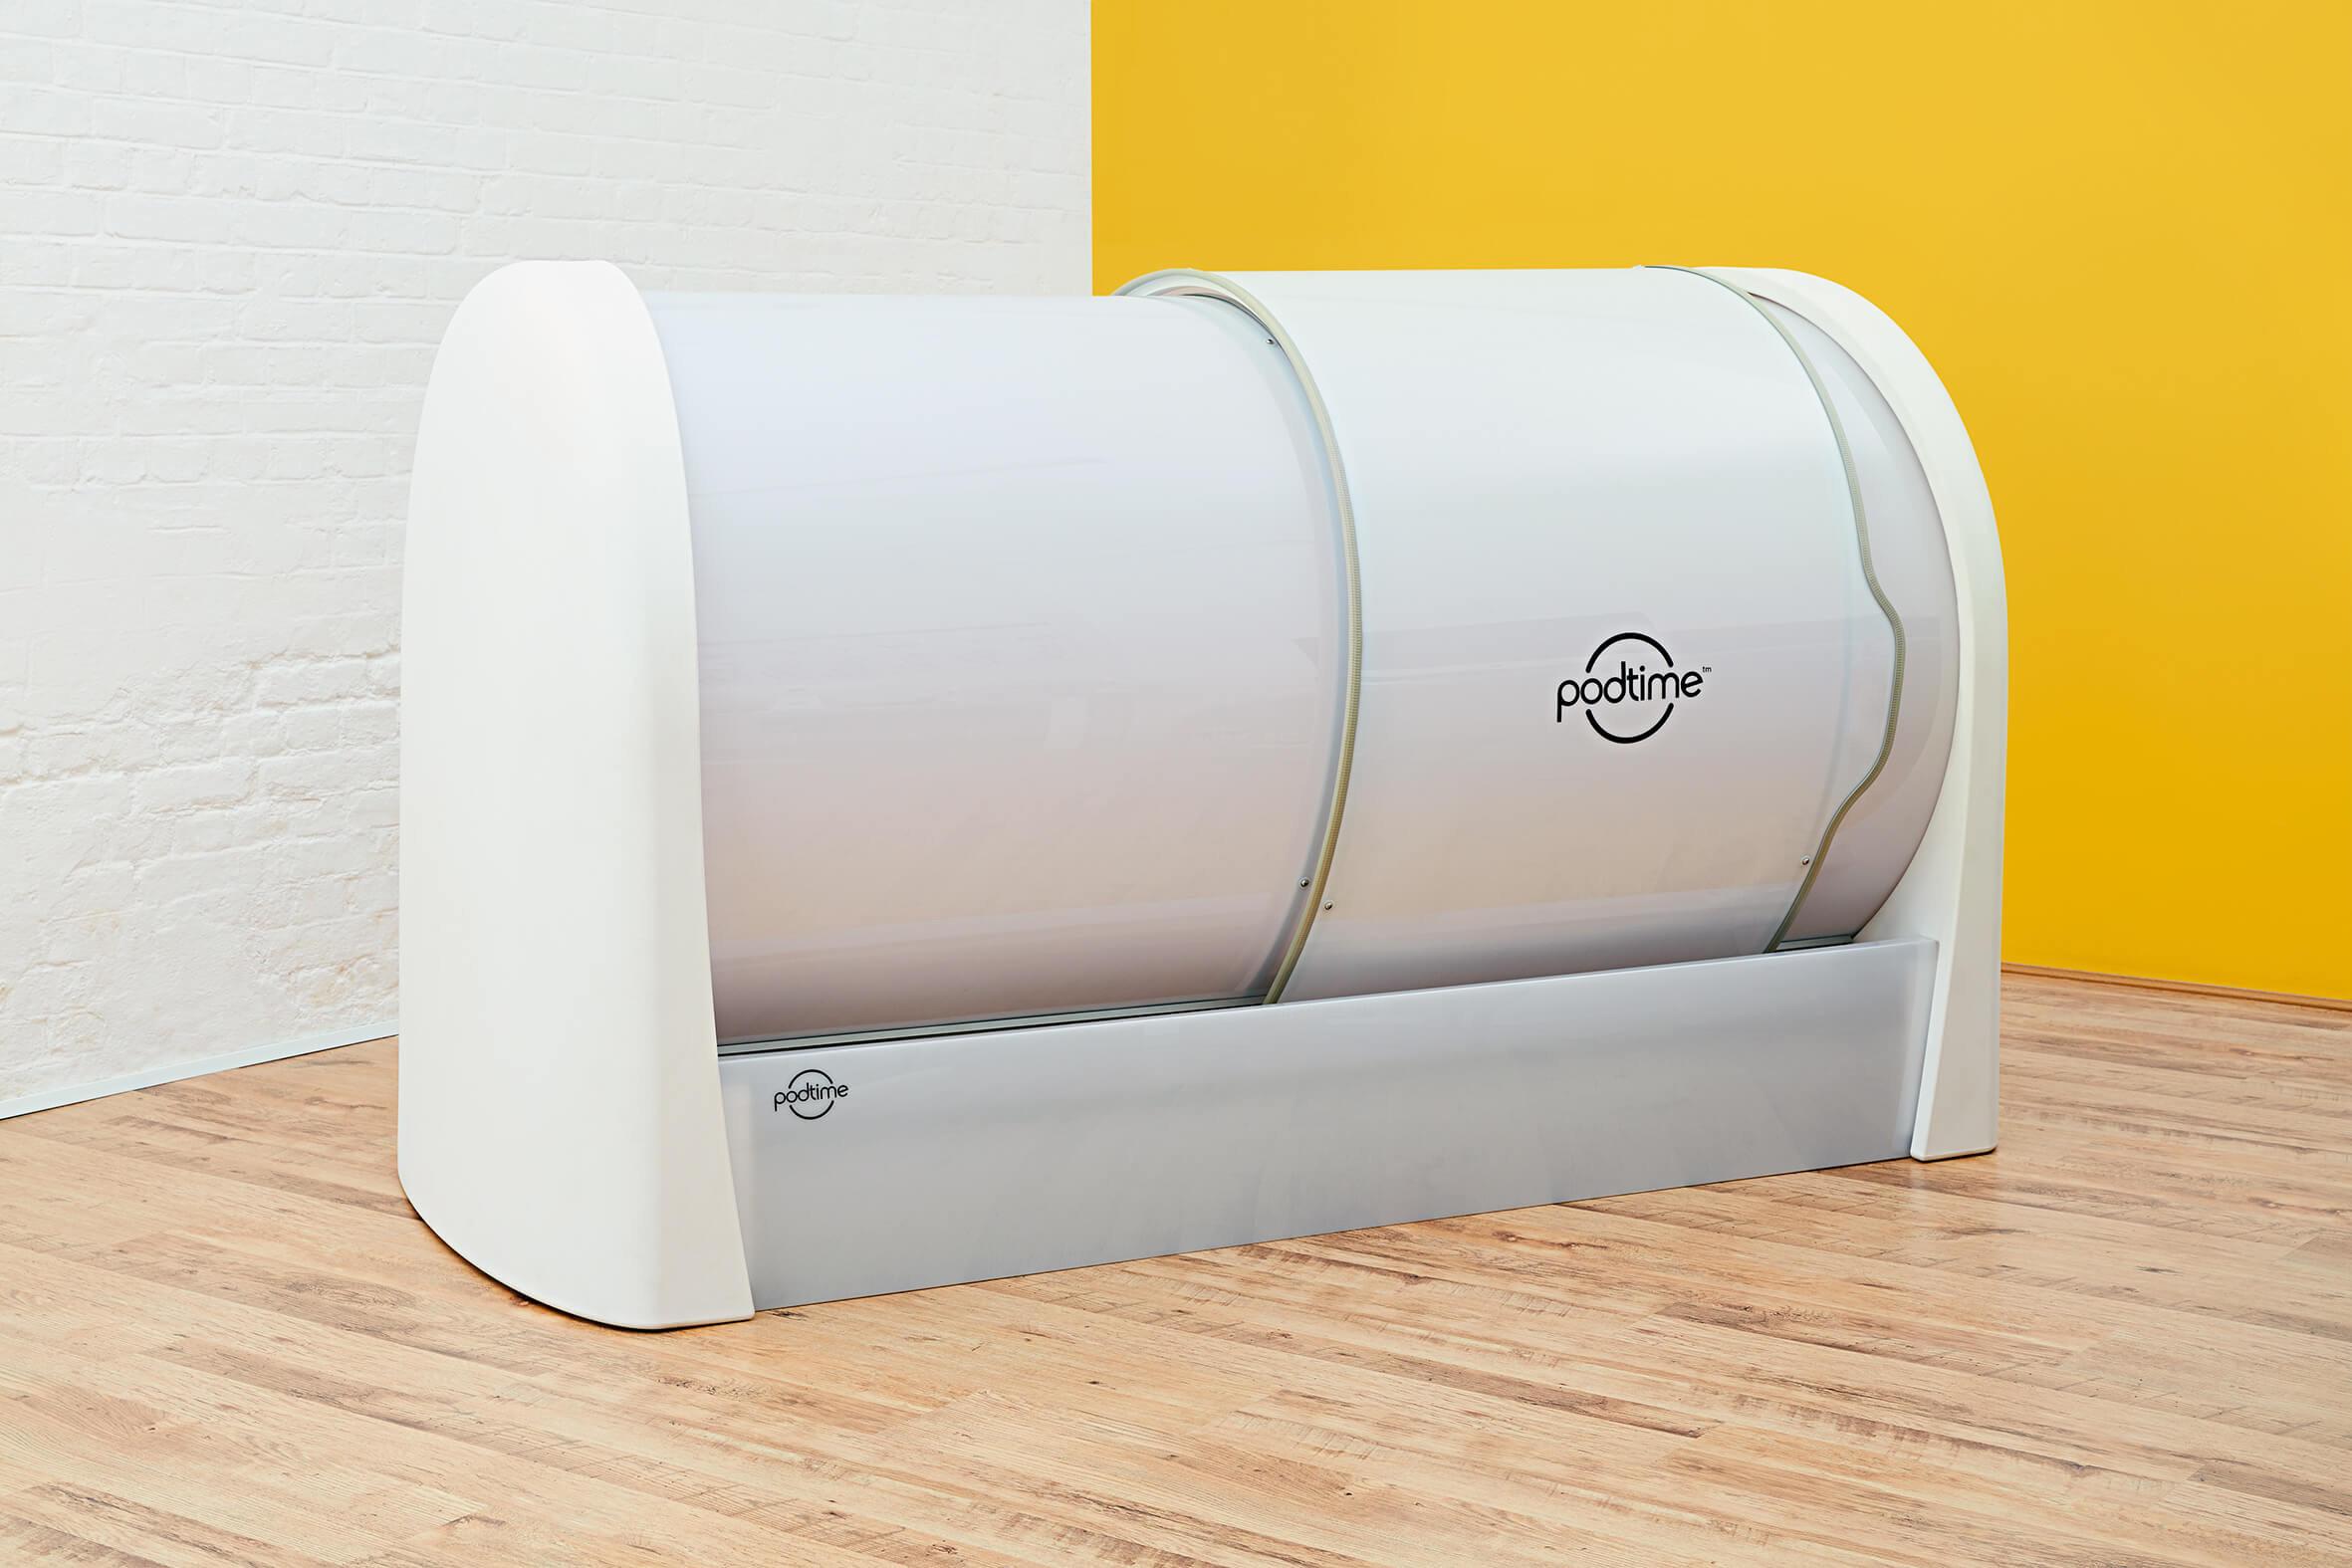 Podtime Sleeping Pod - Premium Range